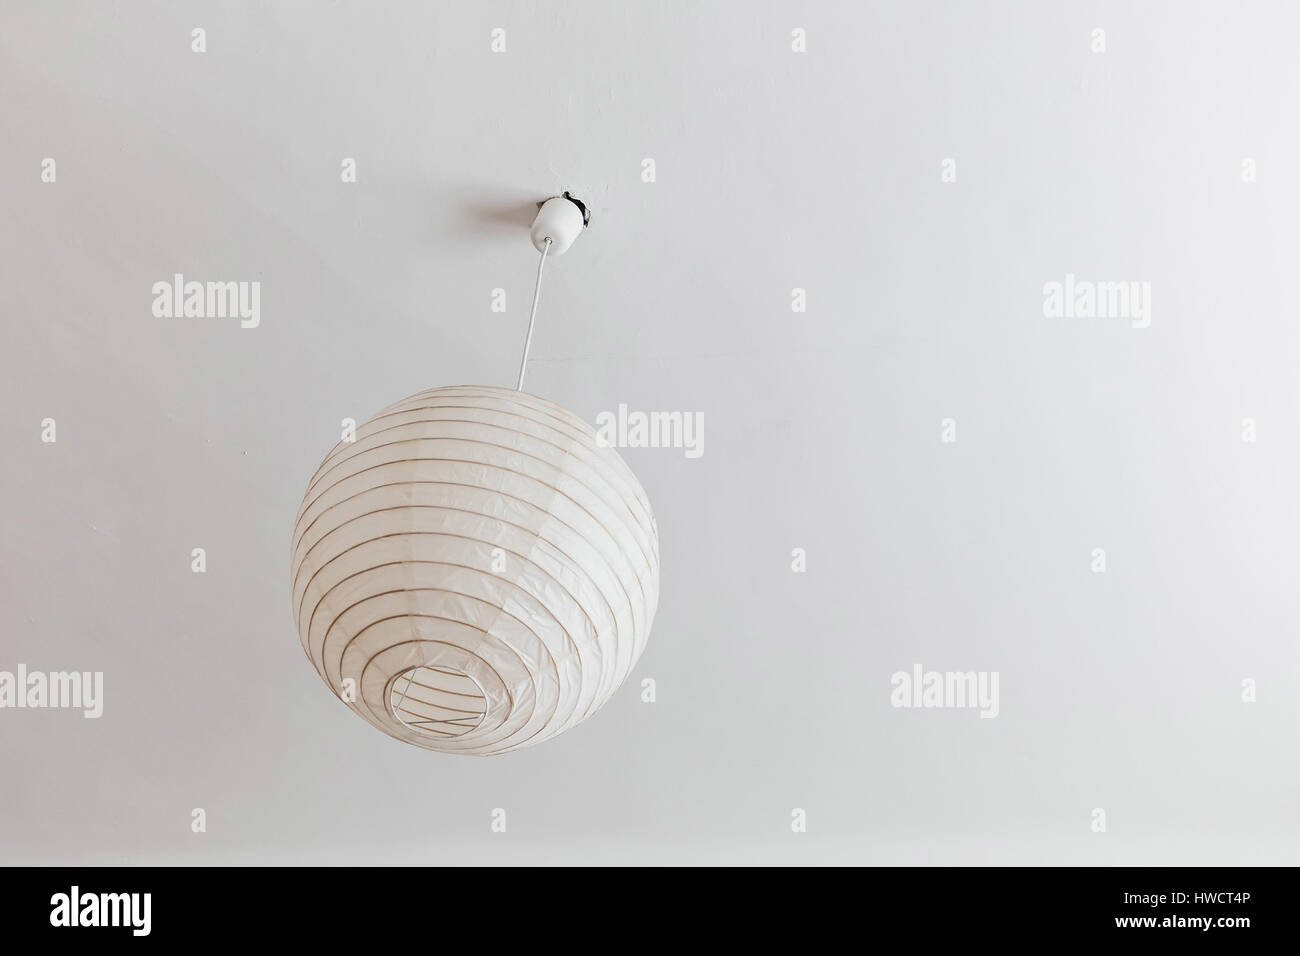 Fantastisch Druckknopfschema Symbol Fotos - Die Besten Elektrischen ...